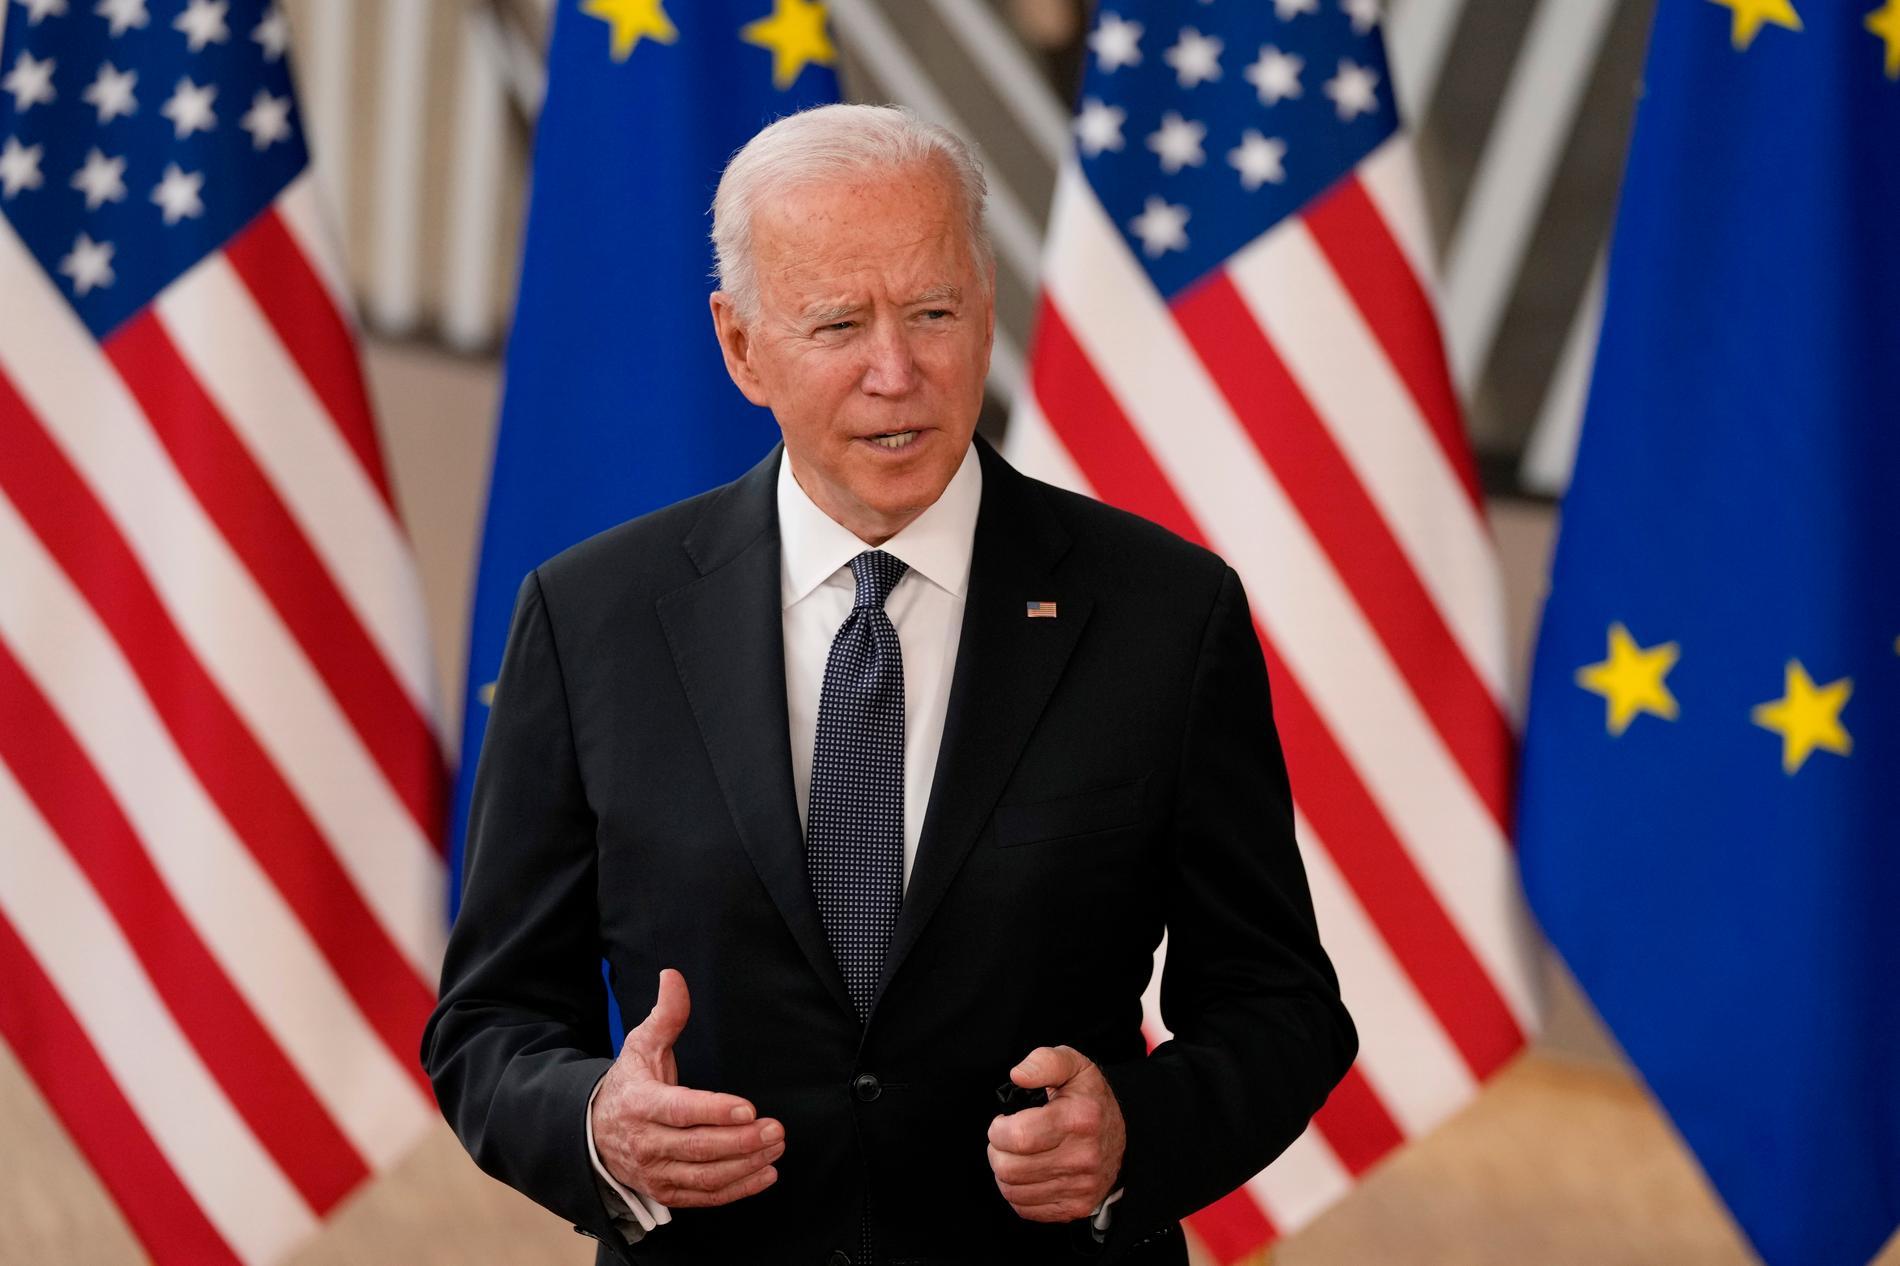 USA:s president Joe Biden under sitt toppmöte med EU:s ledare i Bryssel, den 15 juni.